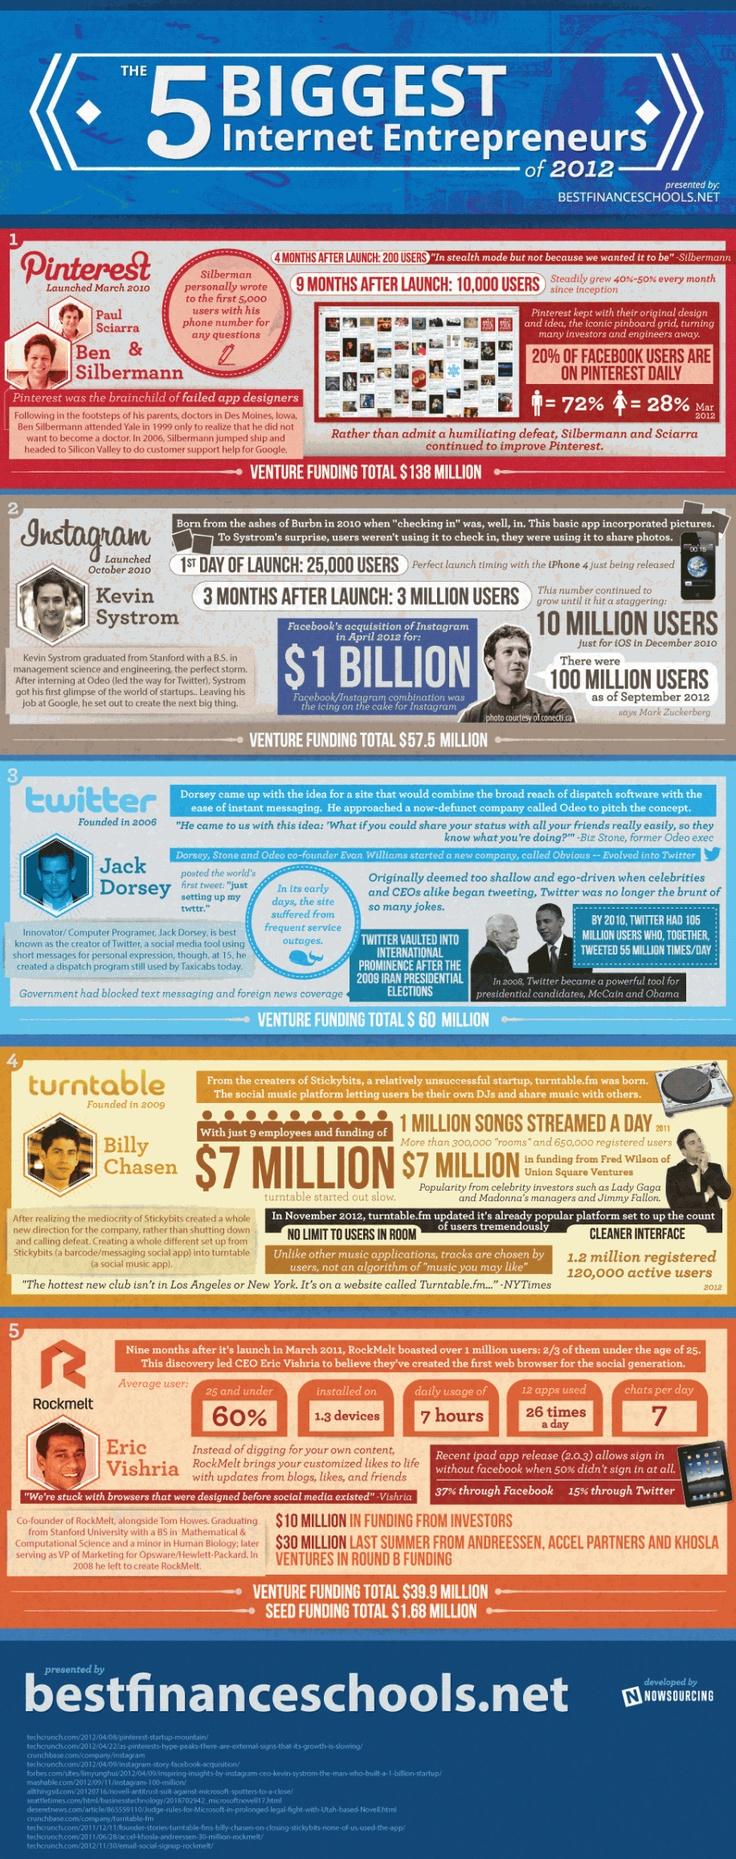 Das sind DIE 5 größten Internet-Unternehmer 2012. Nicht ganz überraschend aber schöne Infografik.